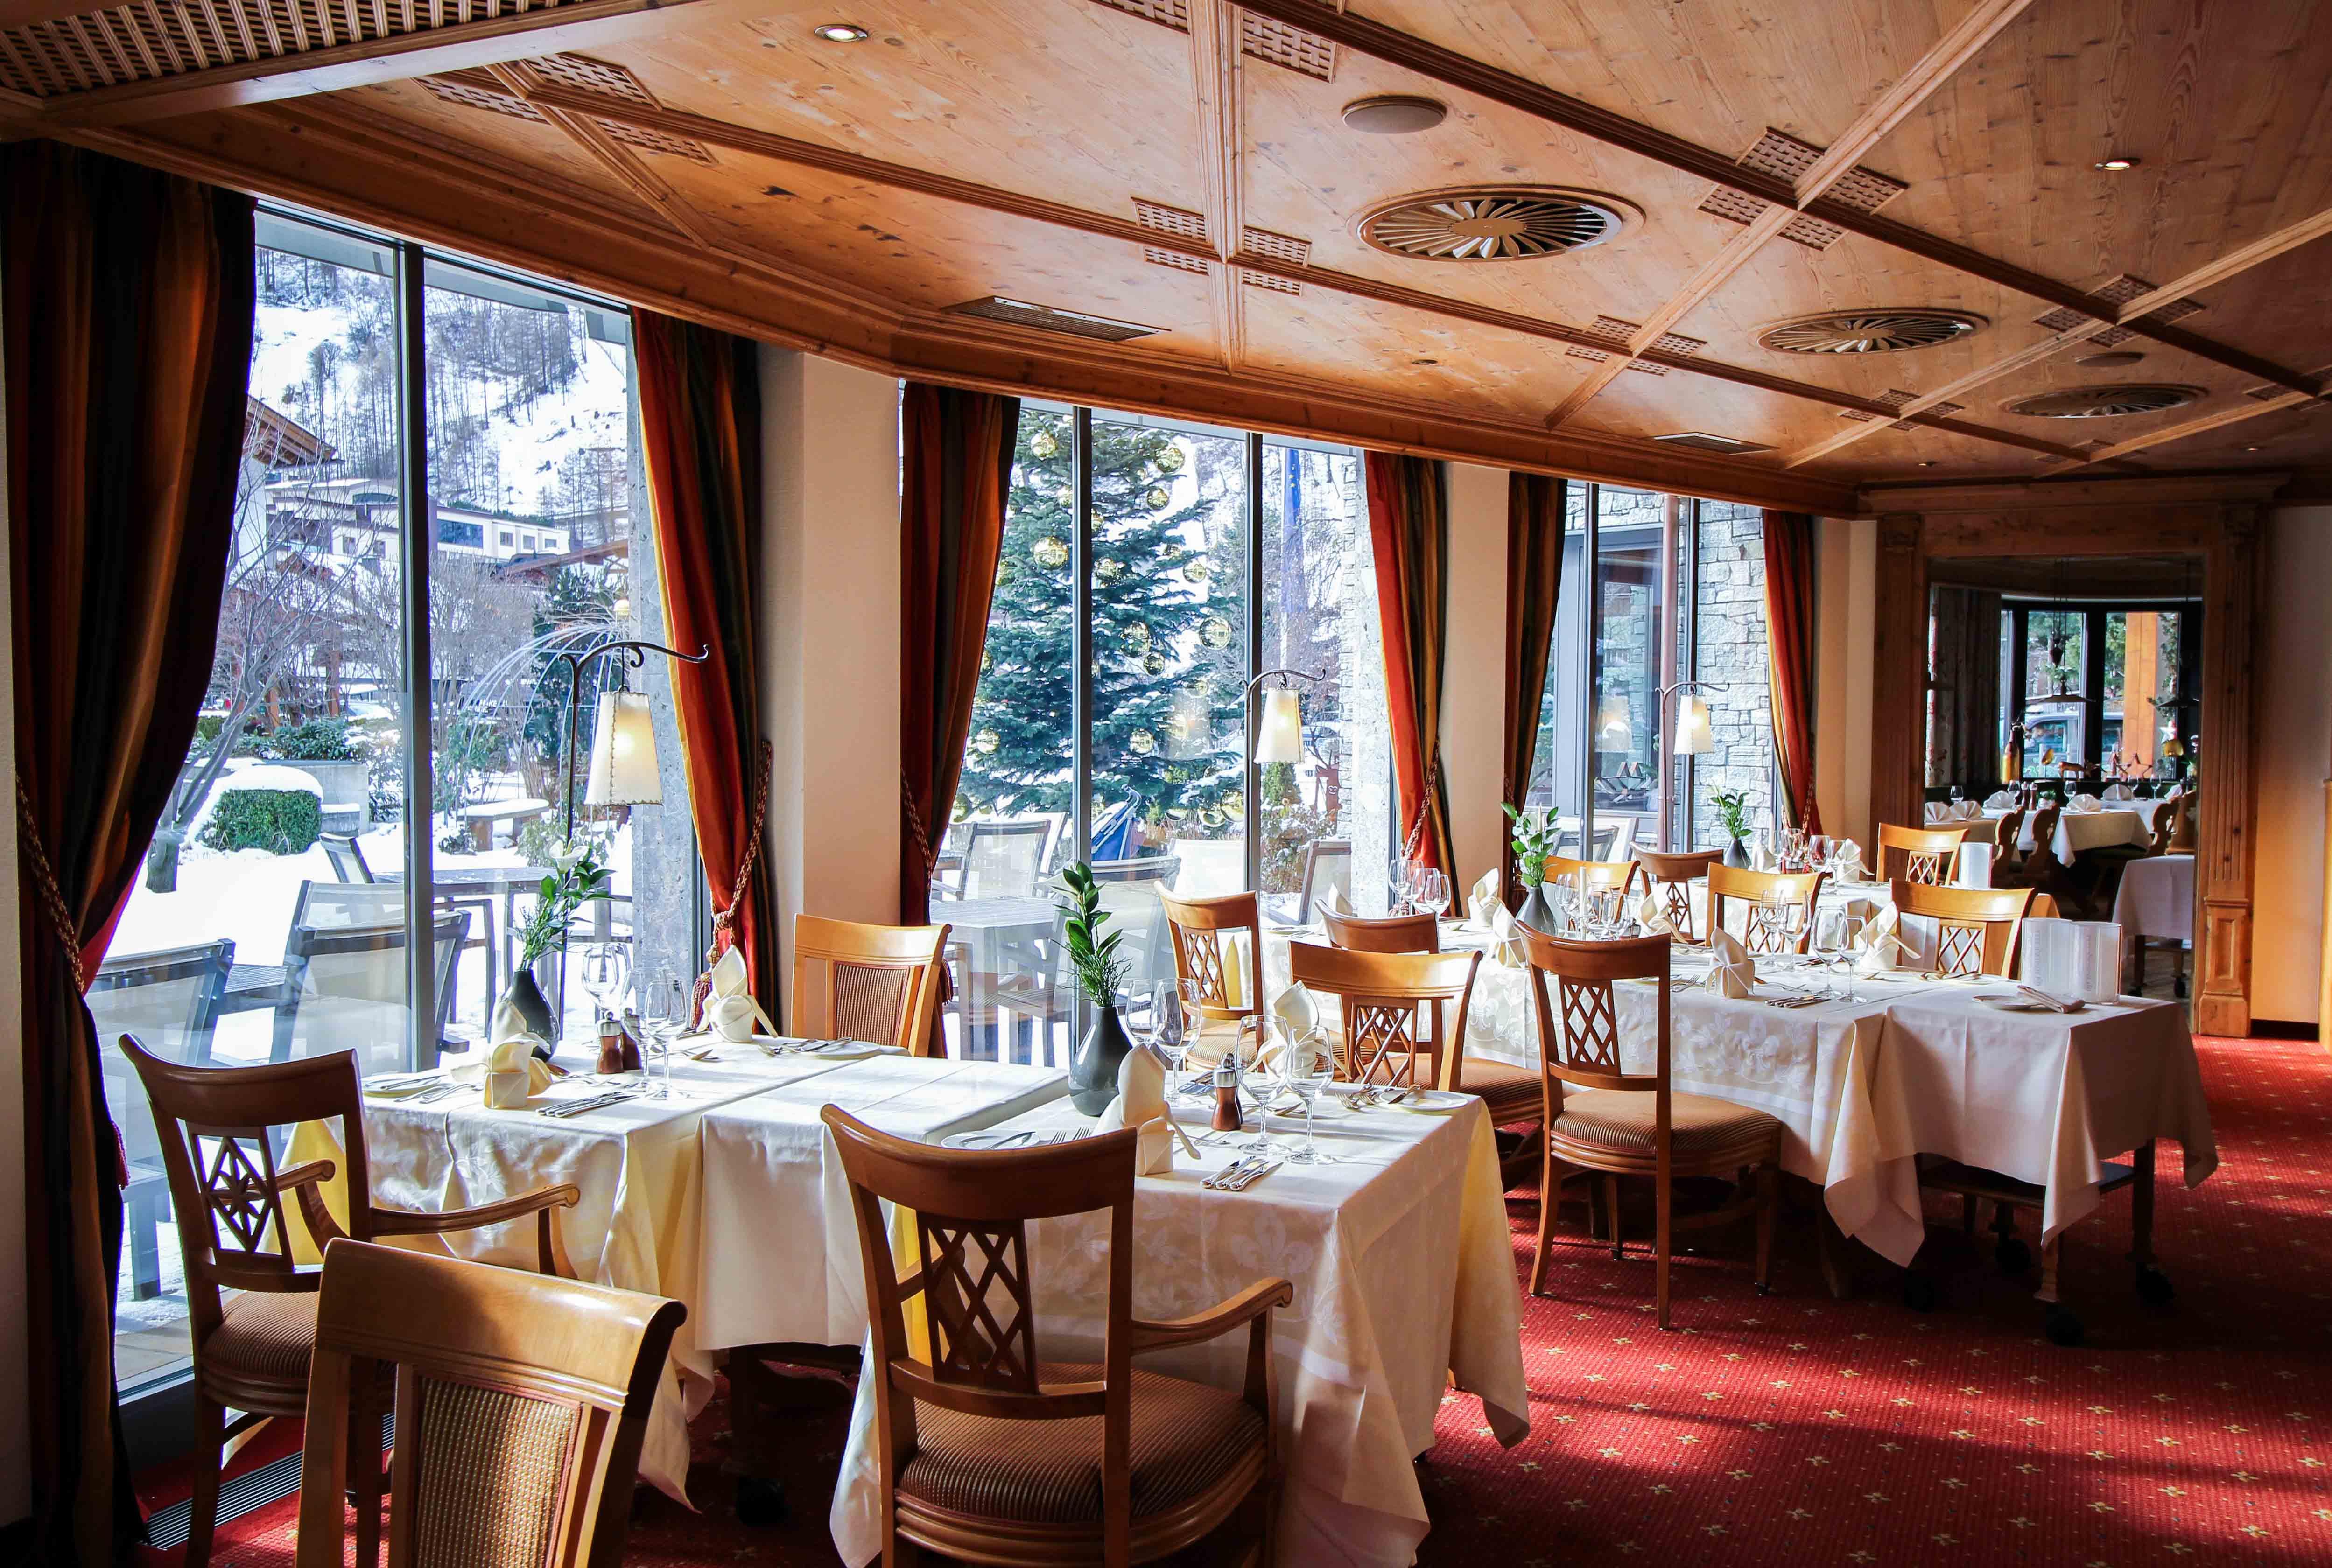 Gourmethotel Sölden modernes Restaurant Feinspitz traditionell Das Central Sölden Luxushotel Sölden Tirol Österreich Winterurlaub Reiseblog